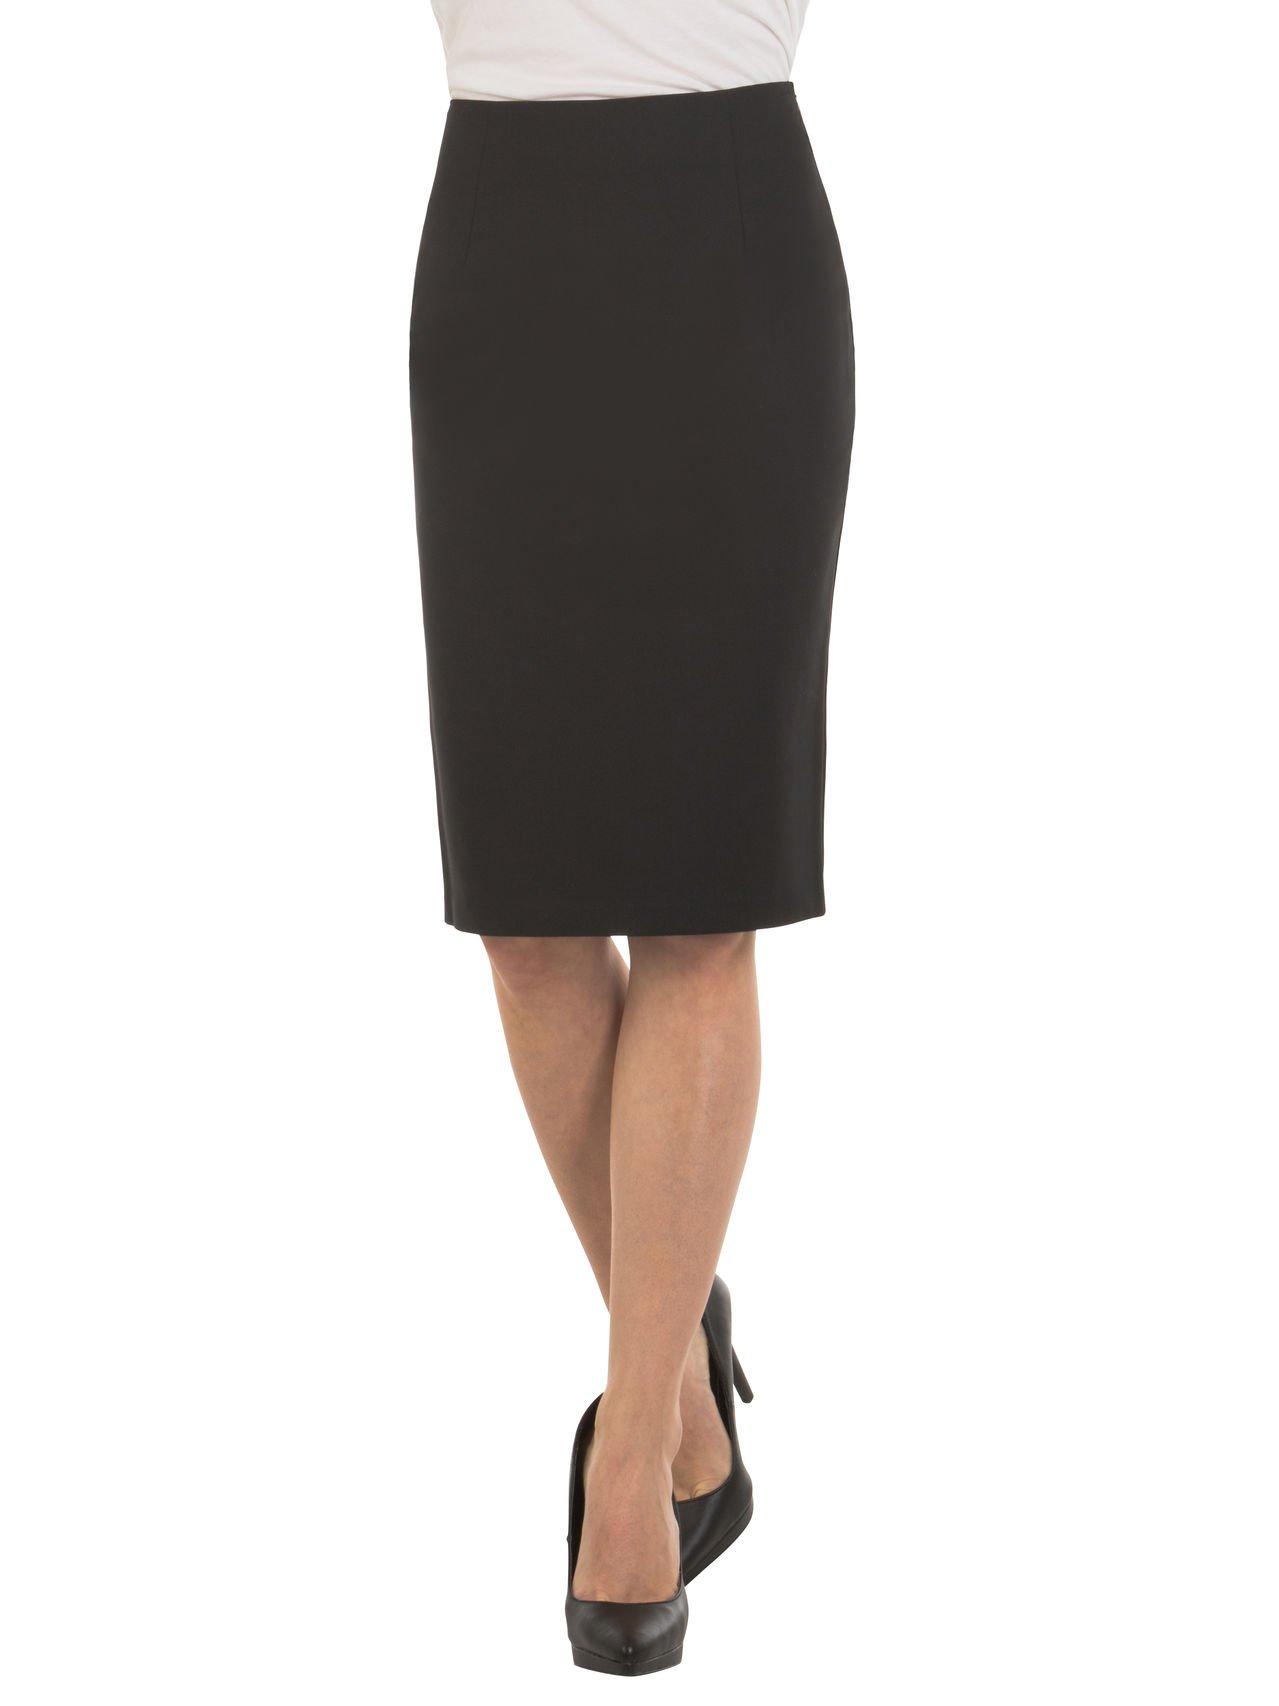 Velucci Womens High Waist Pencil Skirt - Knee High - Zipper - Back Slit, Black-L